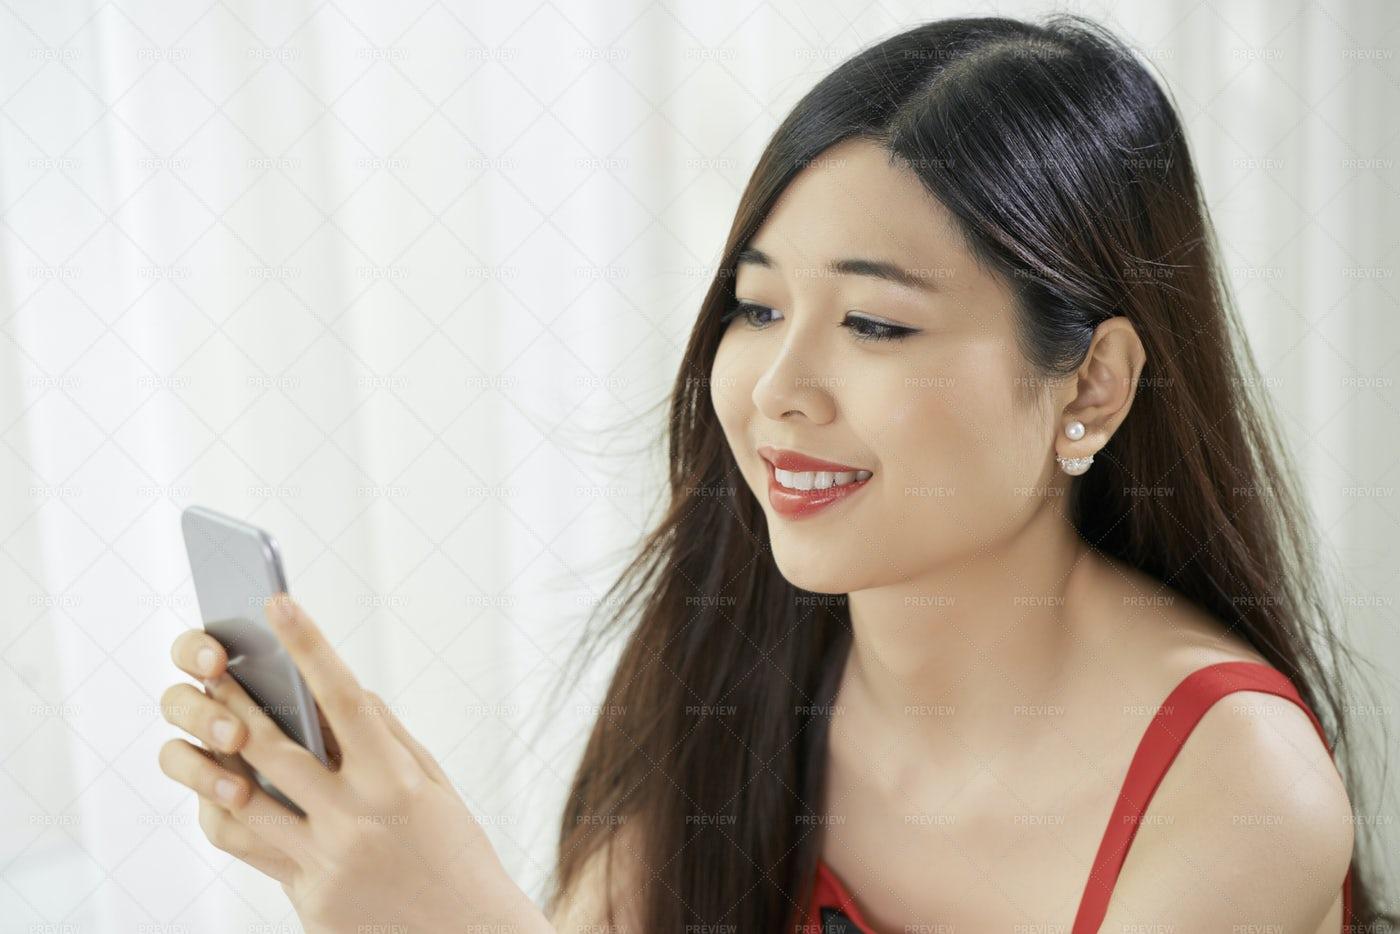 Asian Woman Using Smartphone: Stock Photos